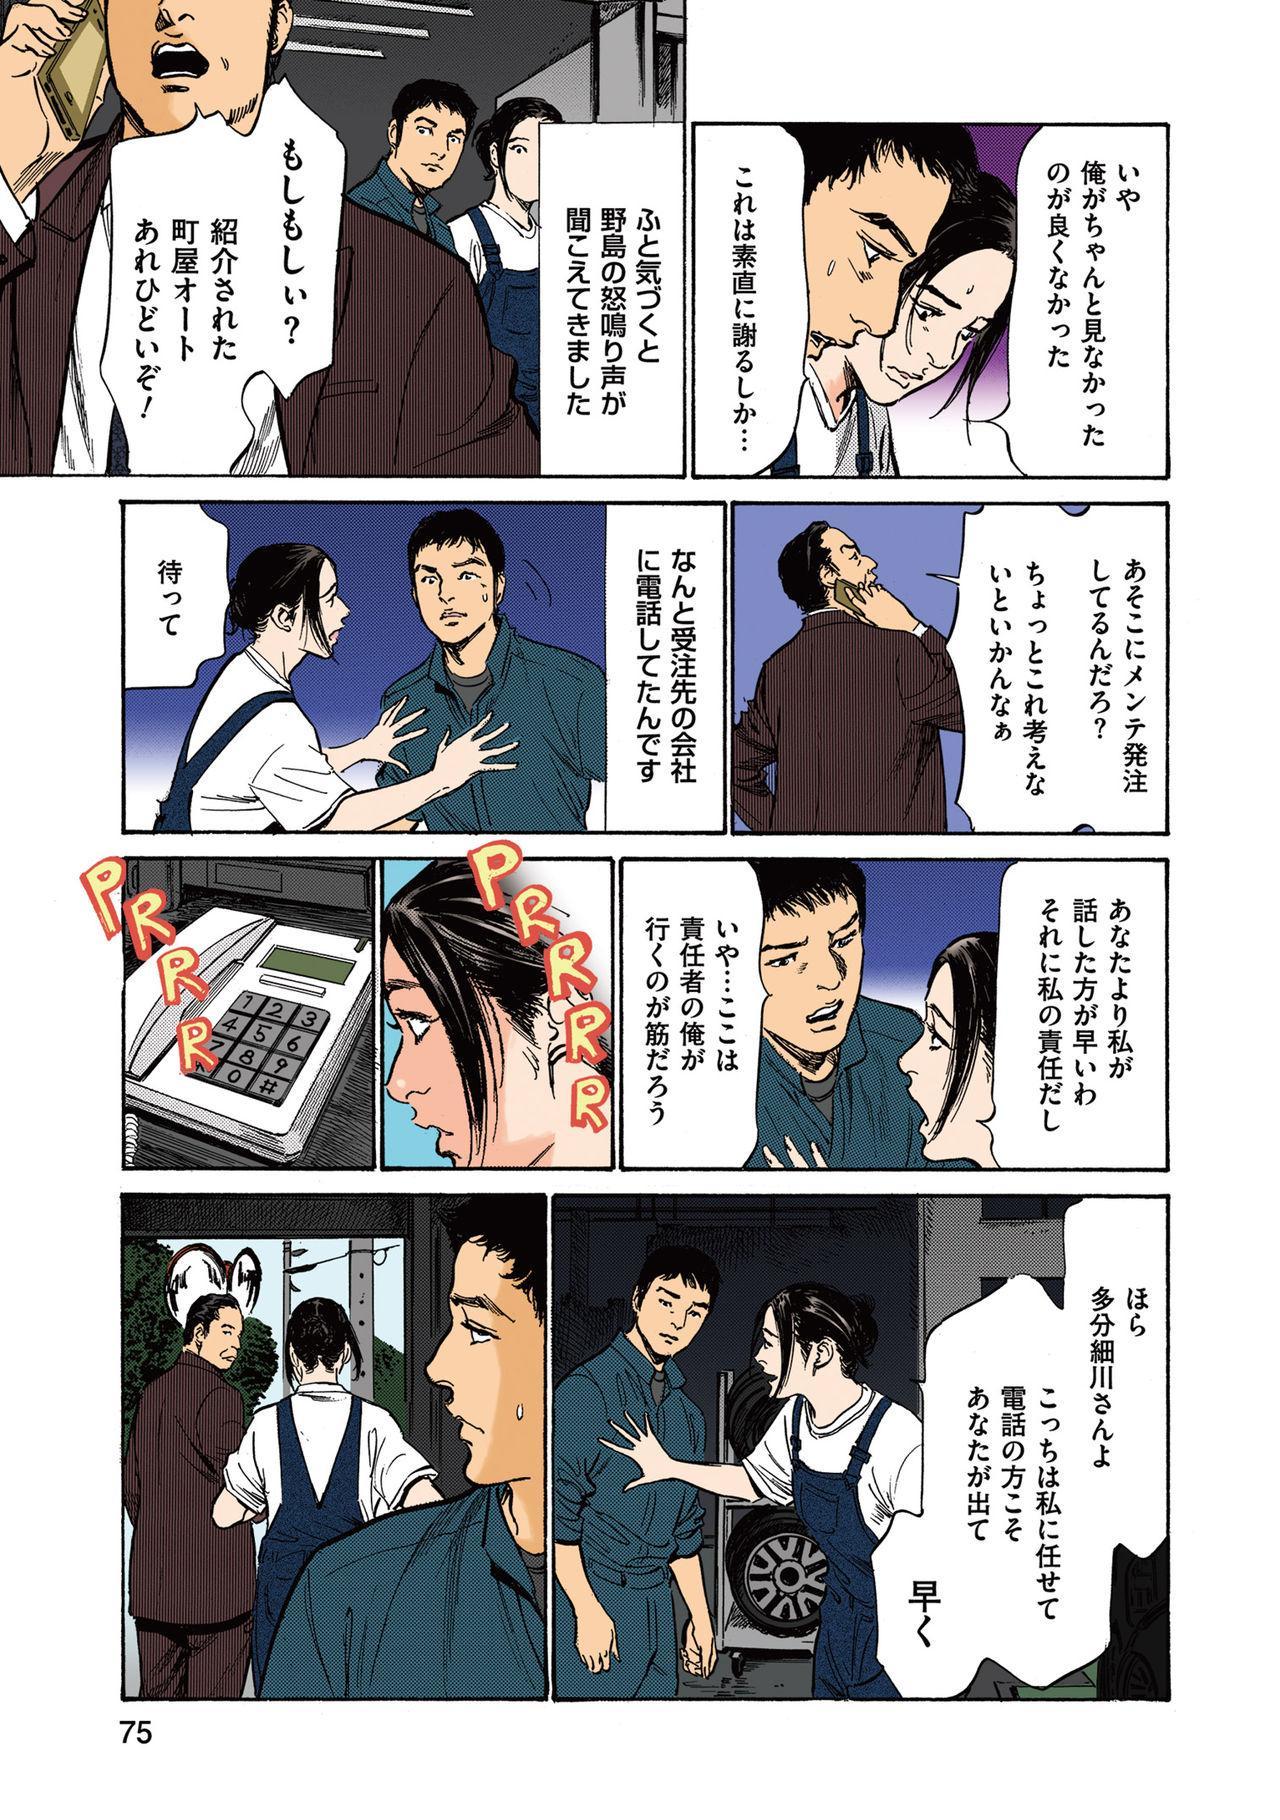 [Hazuki Kaoru] Hazuki Kaoru no Tamaranai Hanashi (Full Color Version) 2-1 74